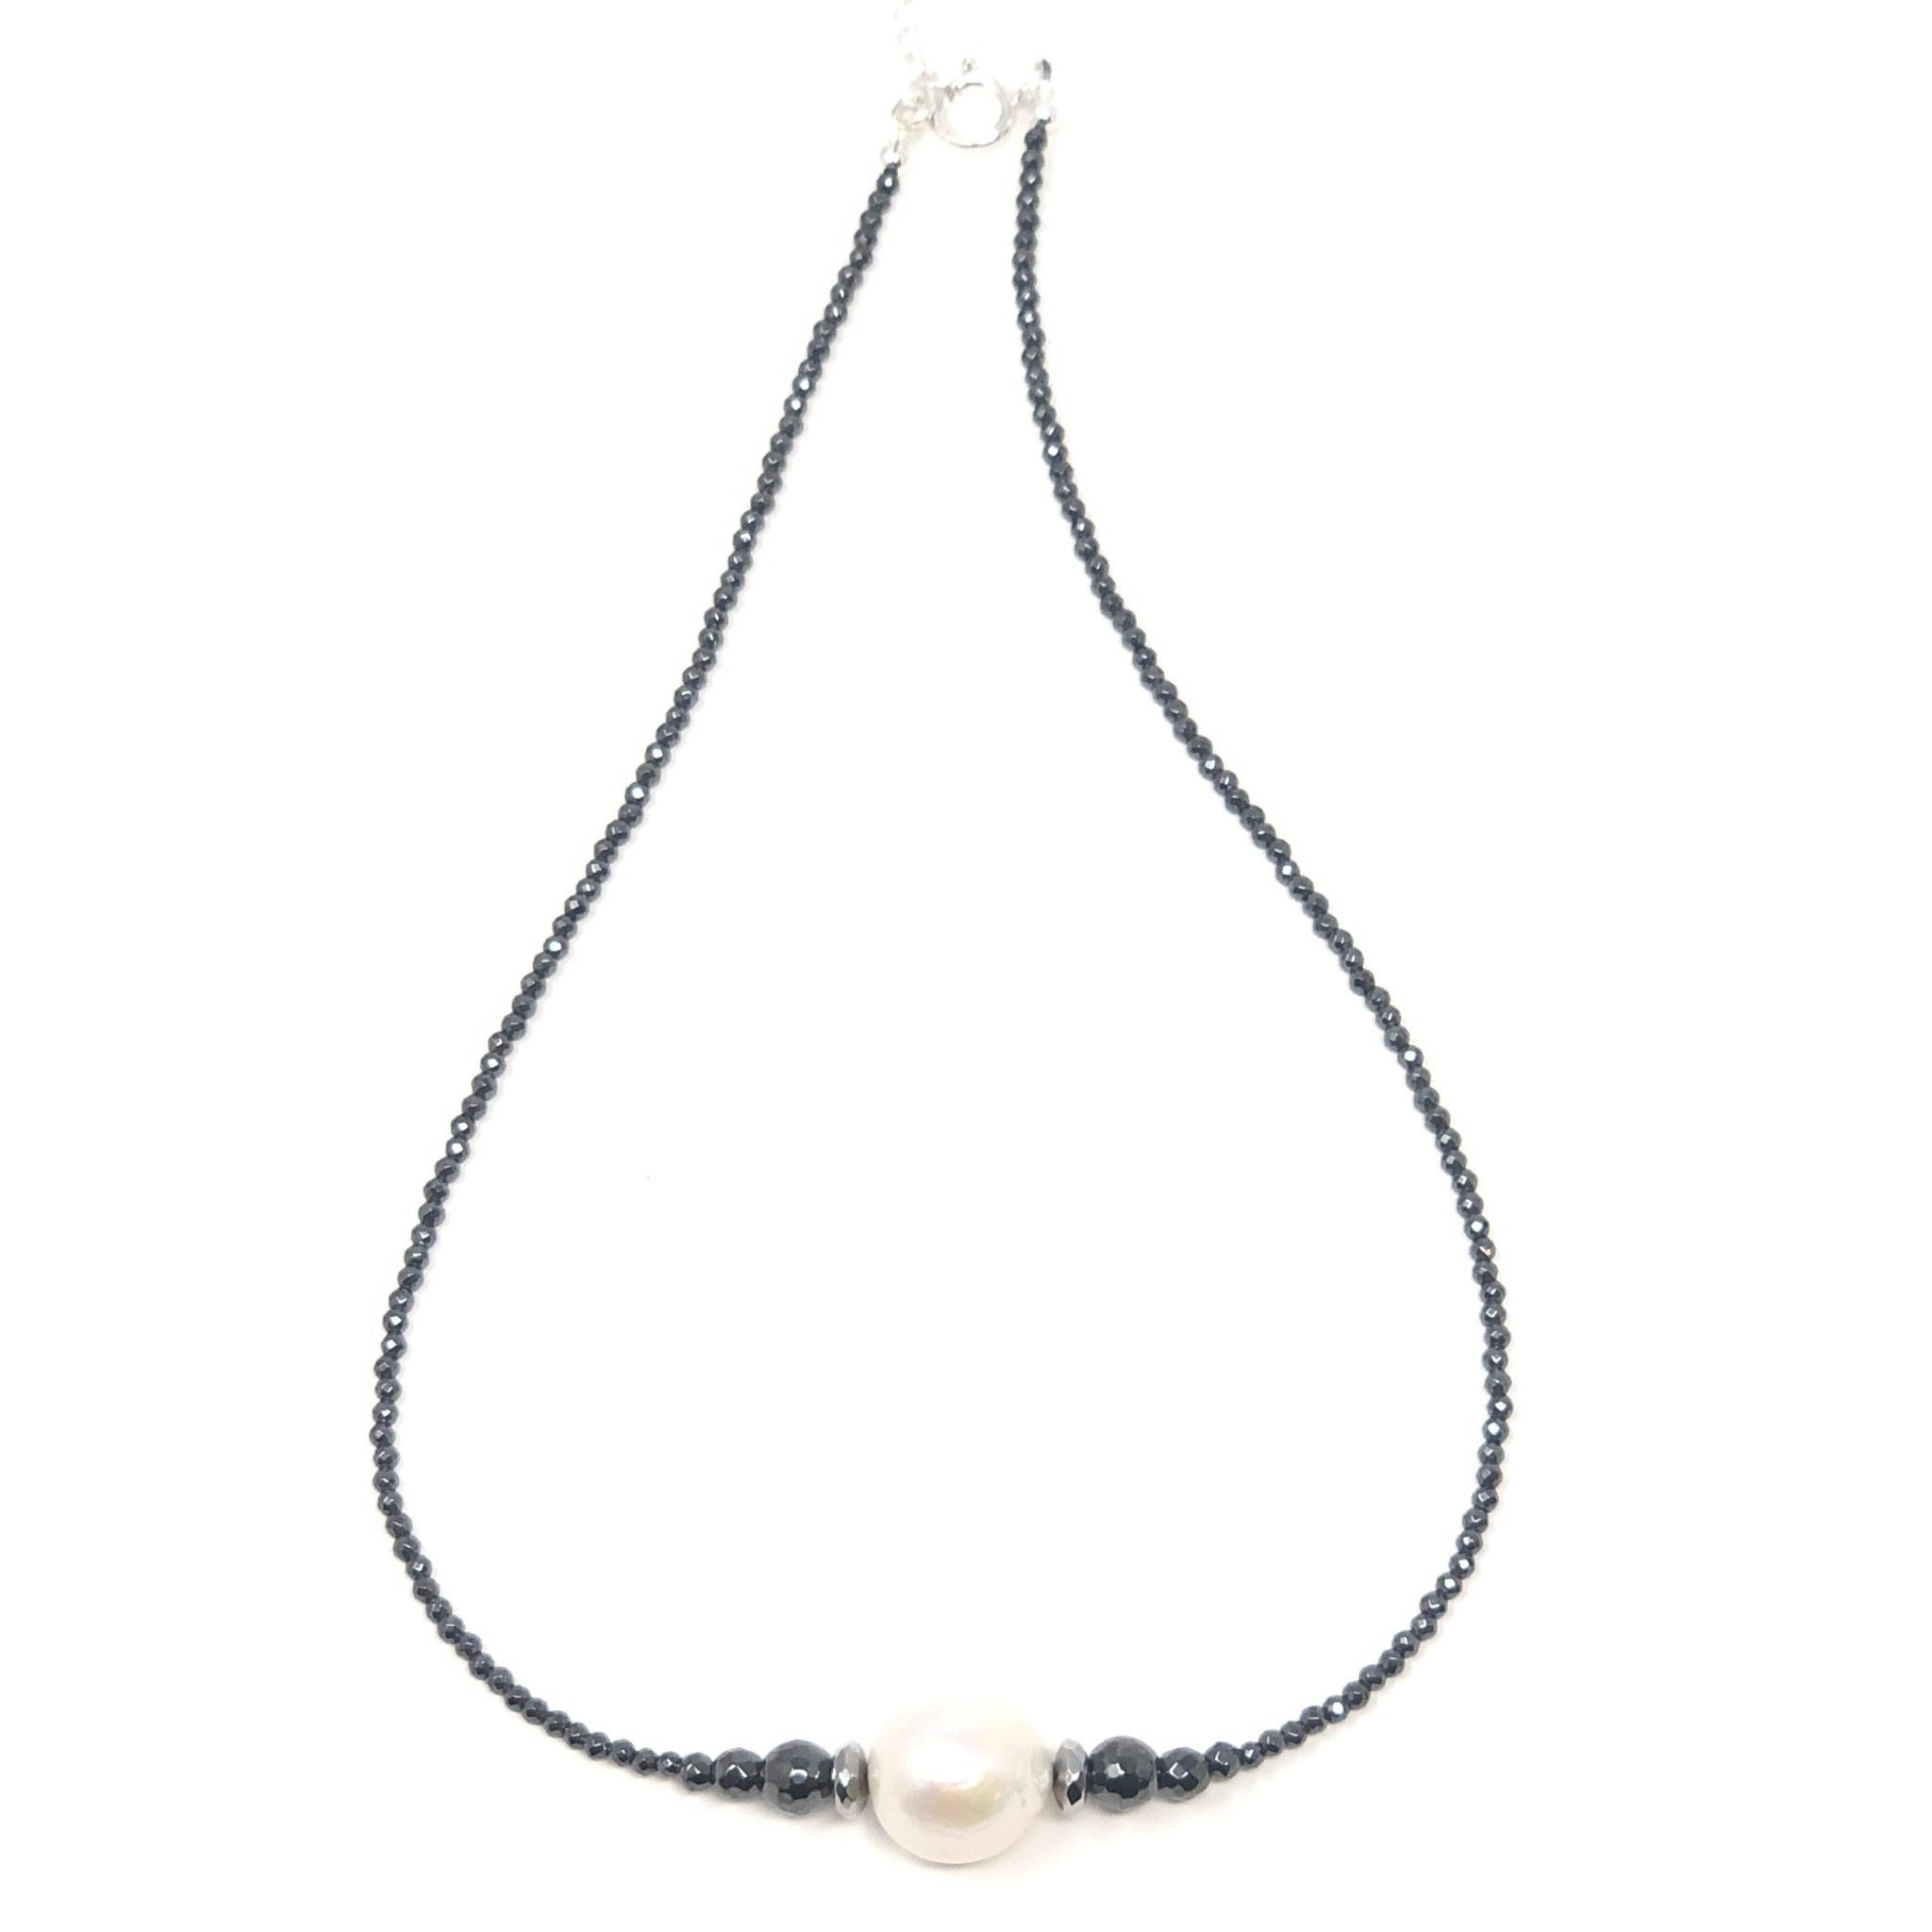 Hematite & Baroque Pearl Necklace